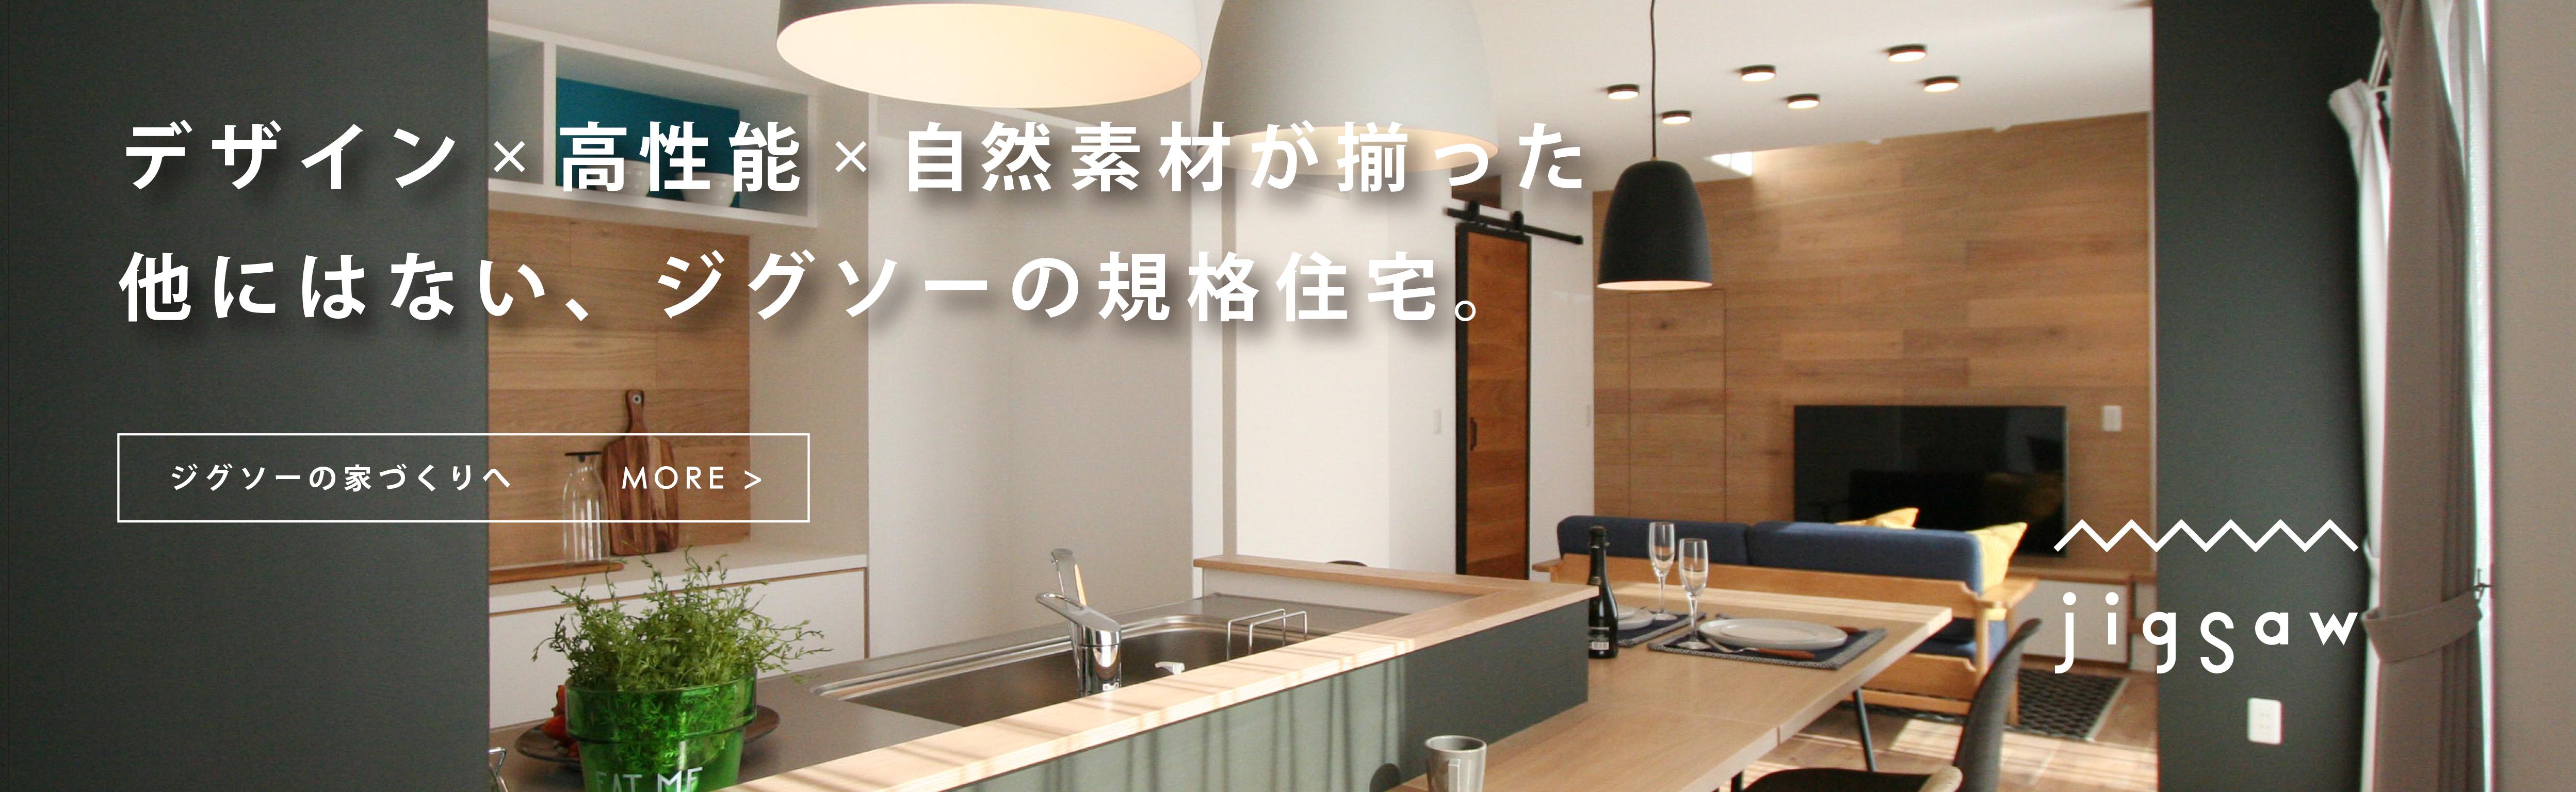 高知市の規格住宅専門店jigsaw(ジグソー)がオープン。デザイン×高性能×自然素材がそろった、1000万円台のオシャレな土地付きの家をメインに建てています。